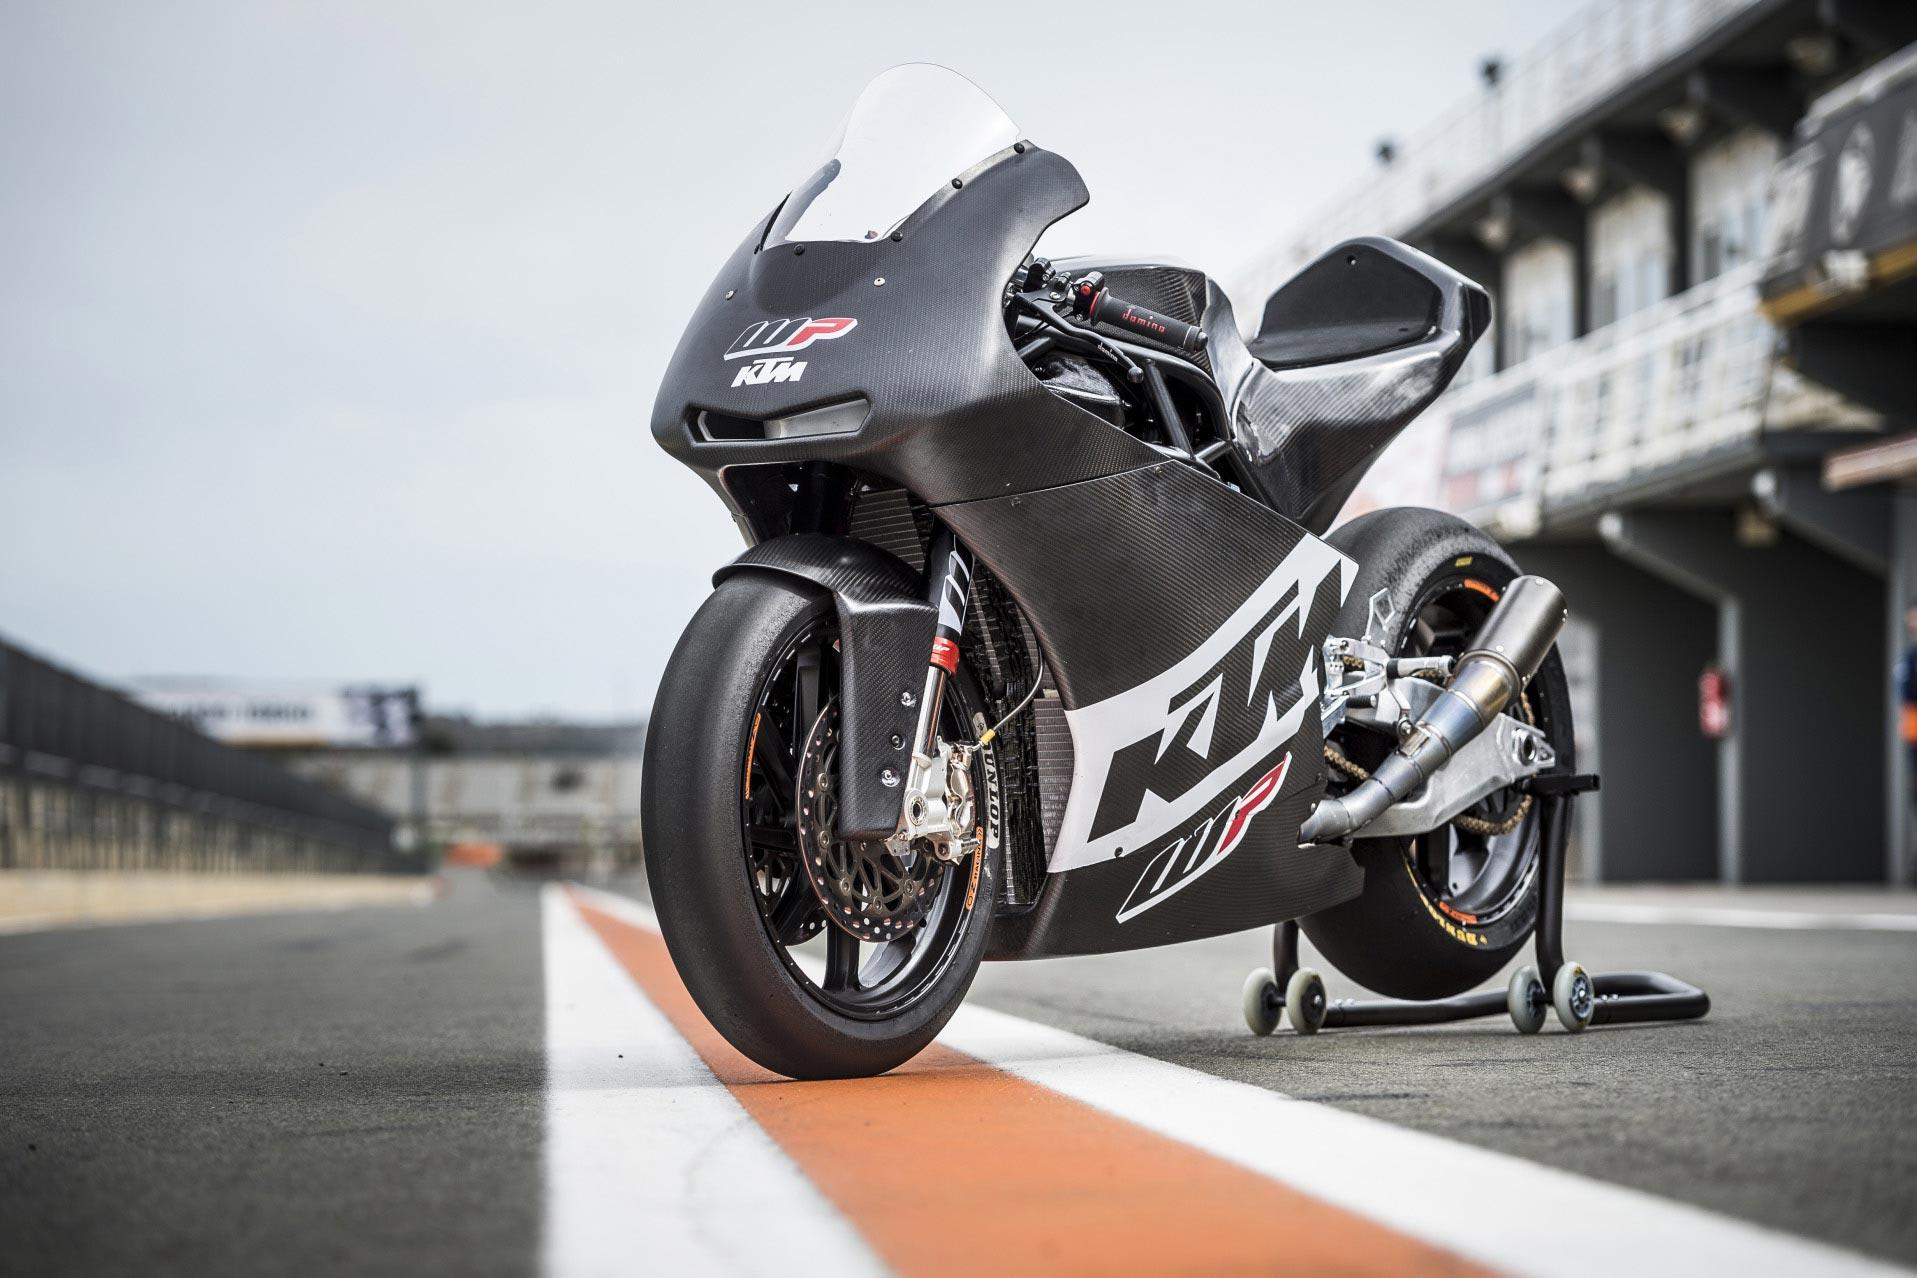 Ktm Moto Bike Engine